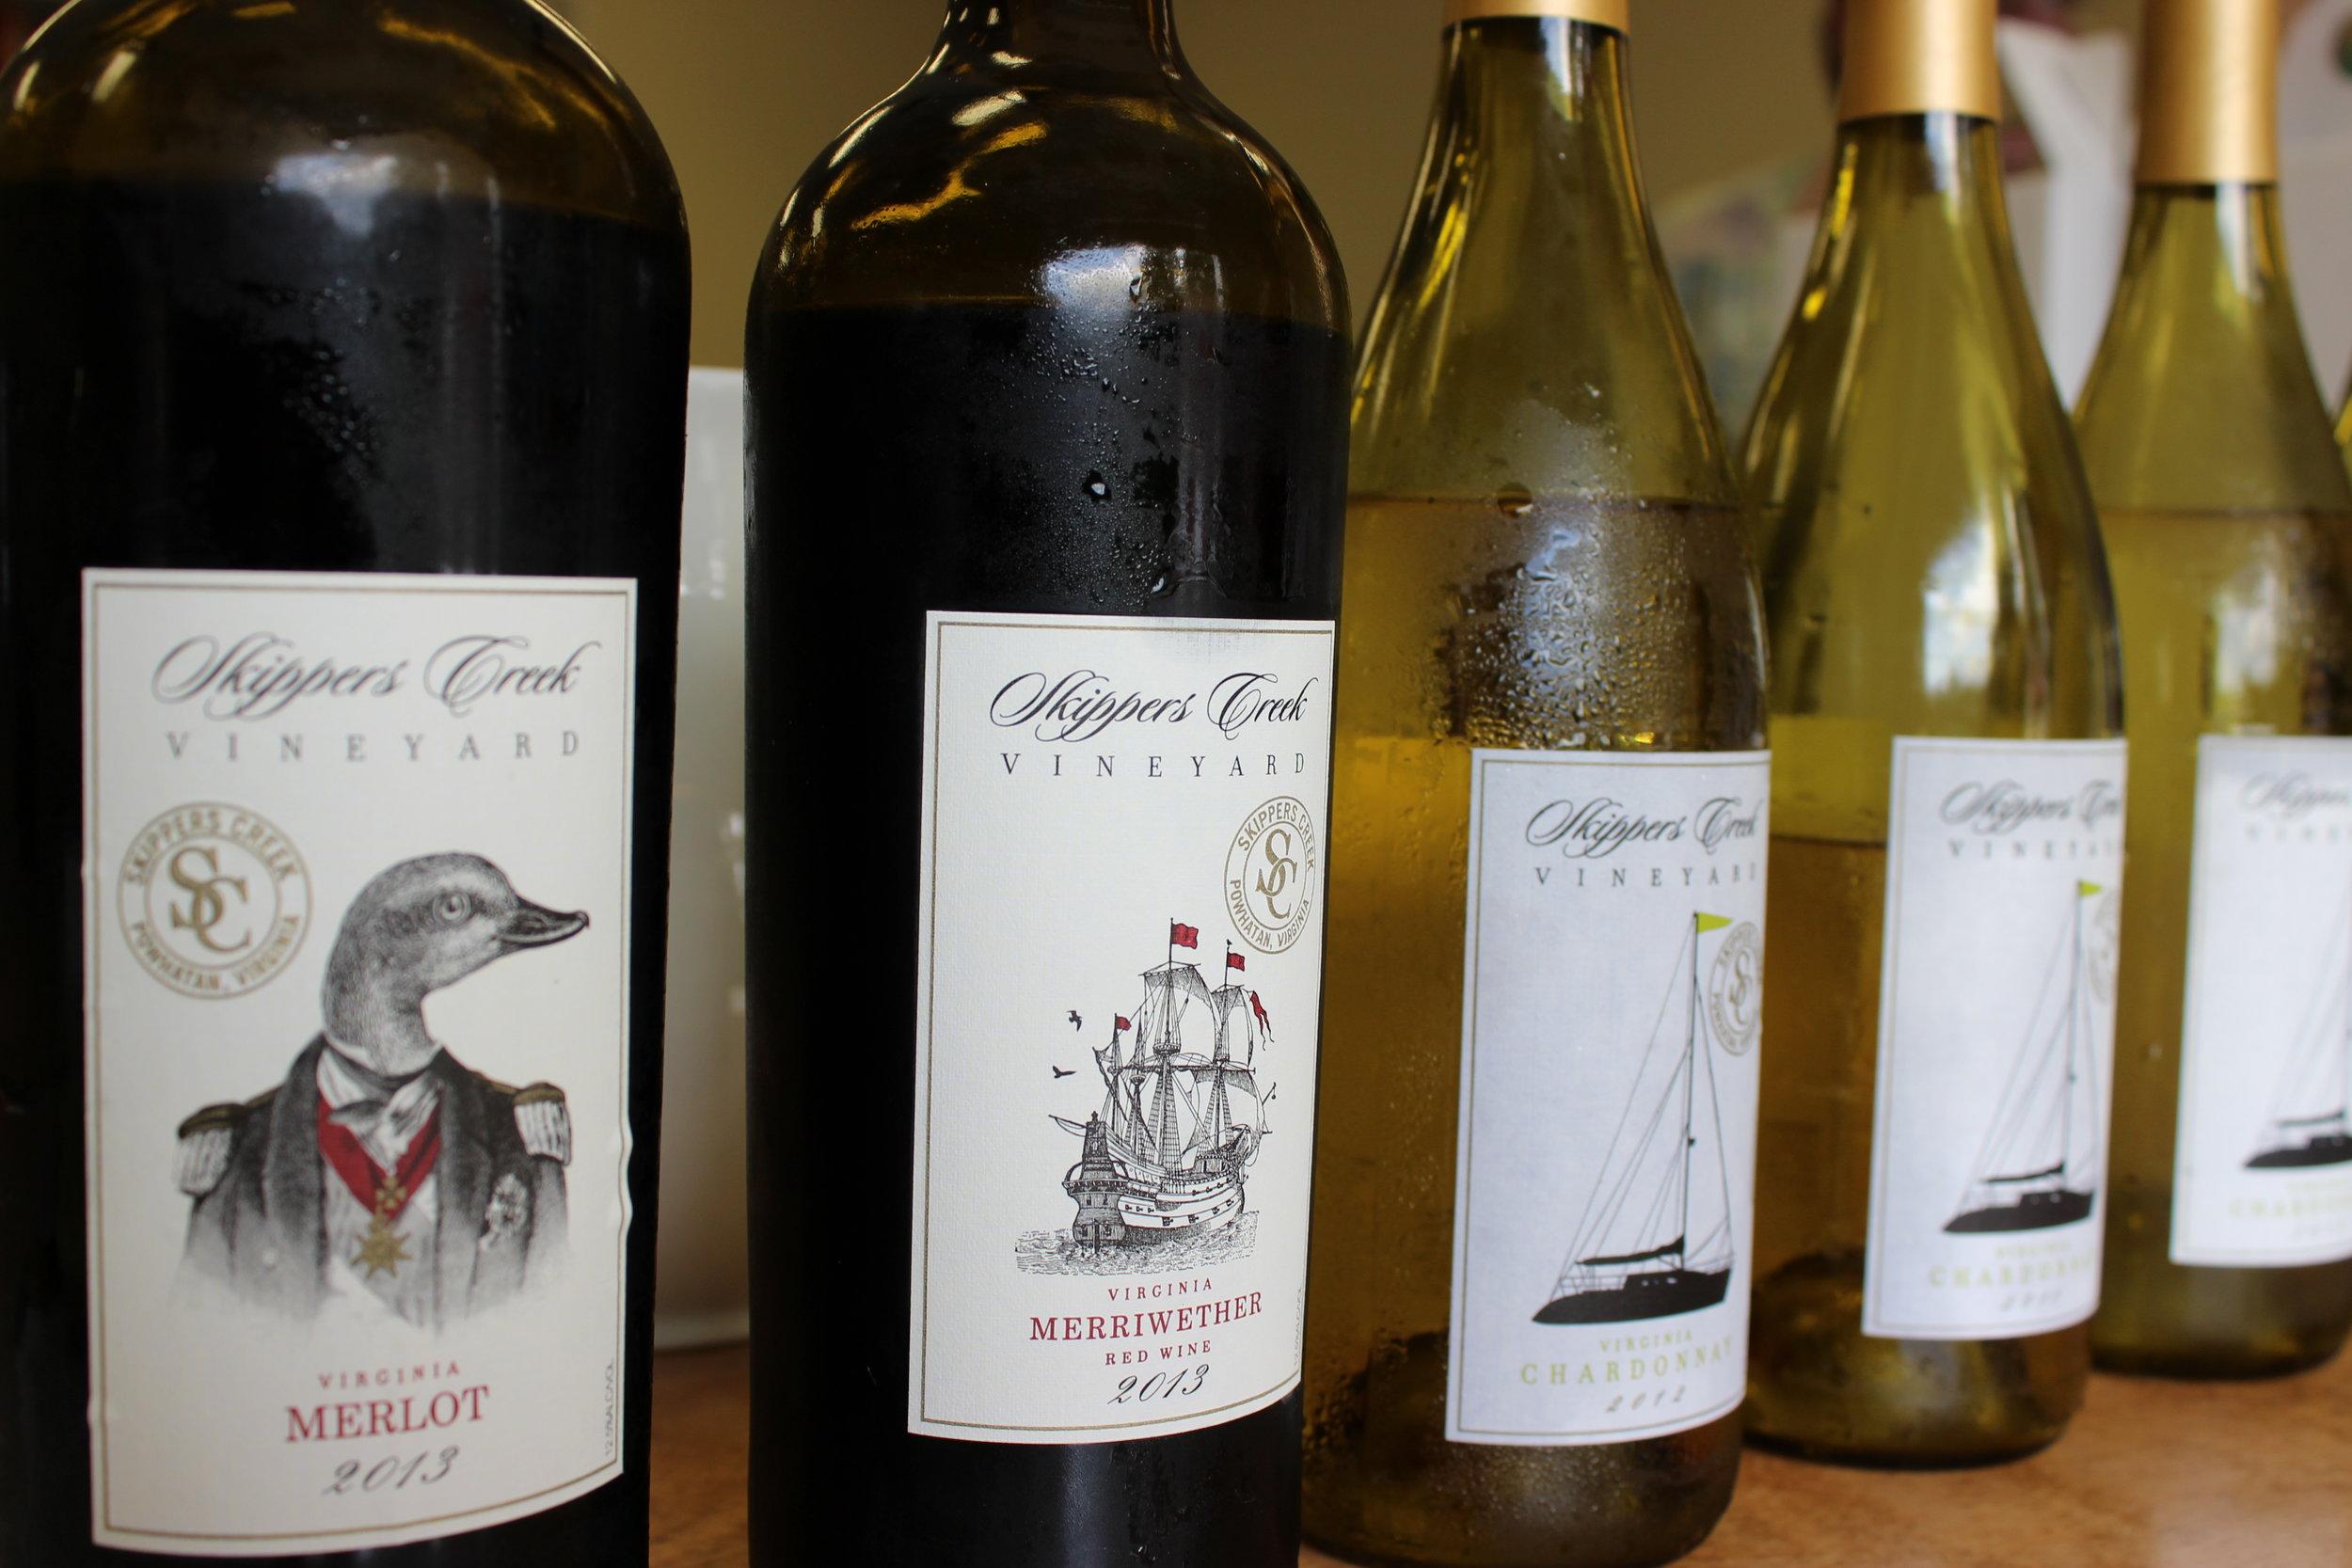 Skipper's Creek Vineyard